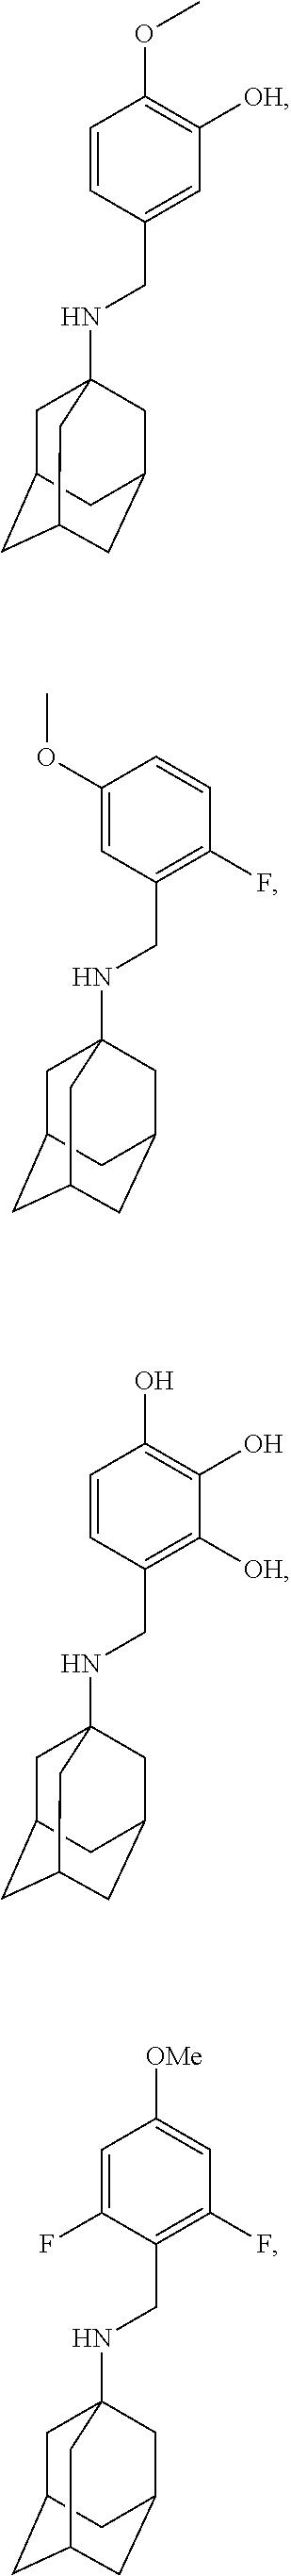 Figure US09884832-20180206-C00119